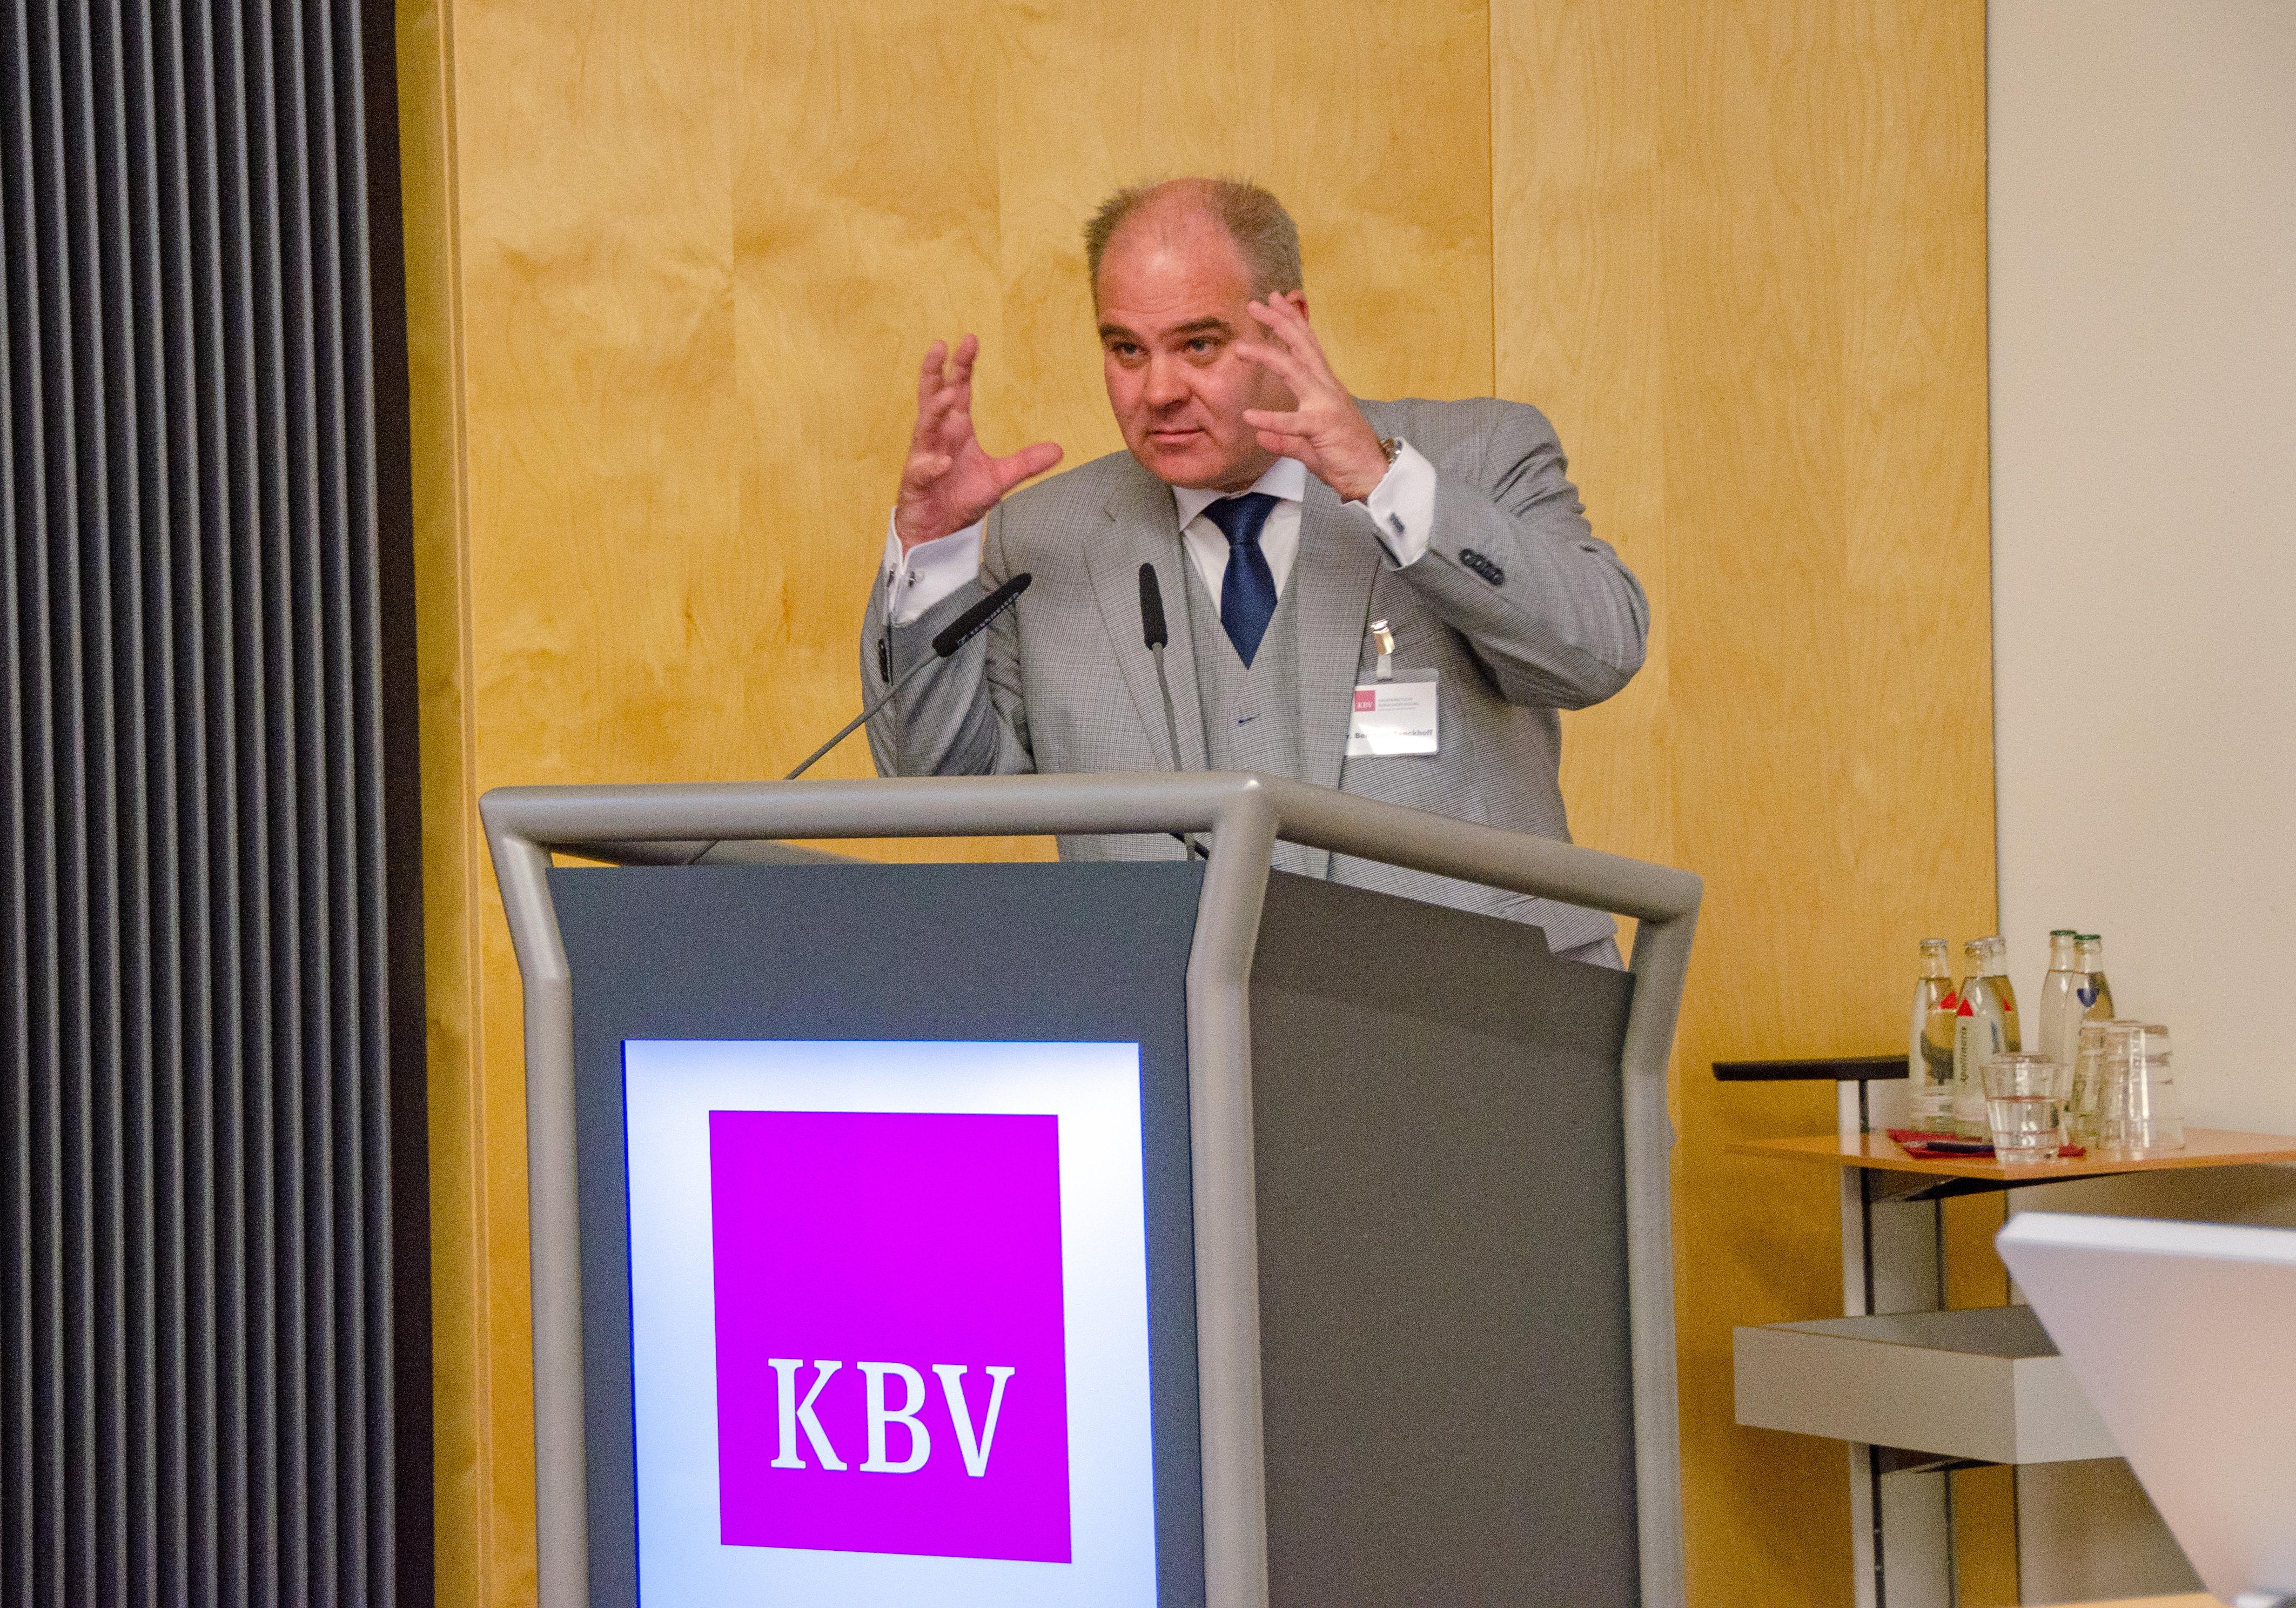 """Fokussiert erklärte Dr. Bernhard Tenckhoff, Leiter der Stabstelle """"Innovation, Strategische Analyse und IT-Beratung"""", die sogenannten Medizinischen Informationsobjekte (MIOs). ©KBV/Funke"""